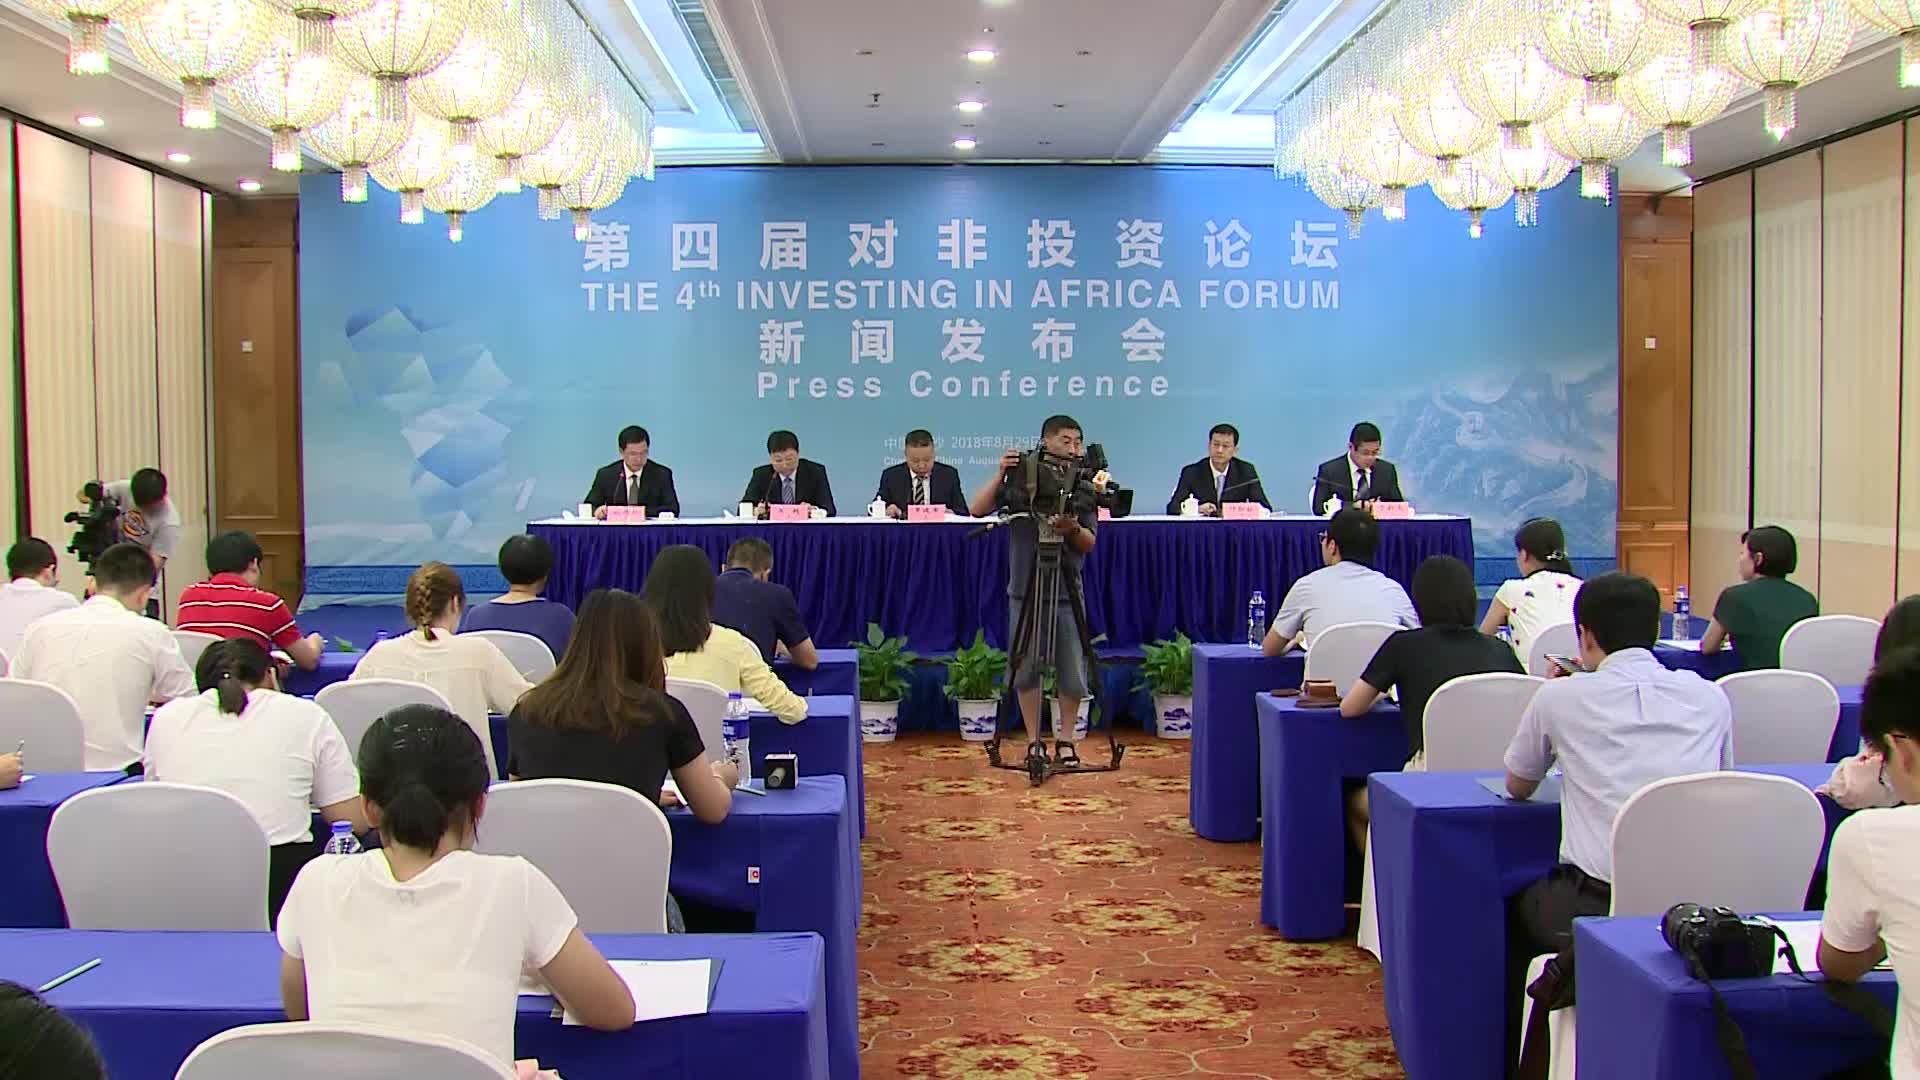 【全程回放】第四届对非投资论坛筹备情况新闻发布会